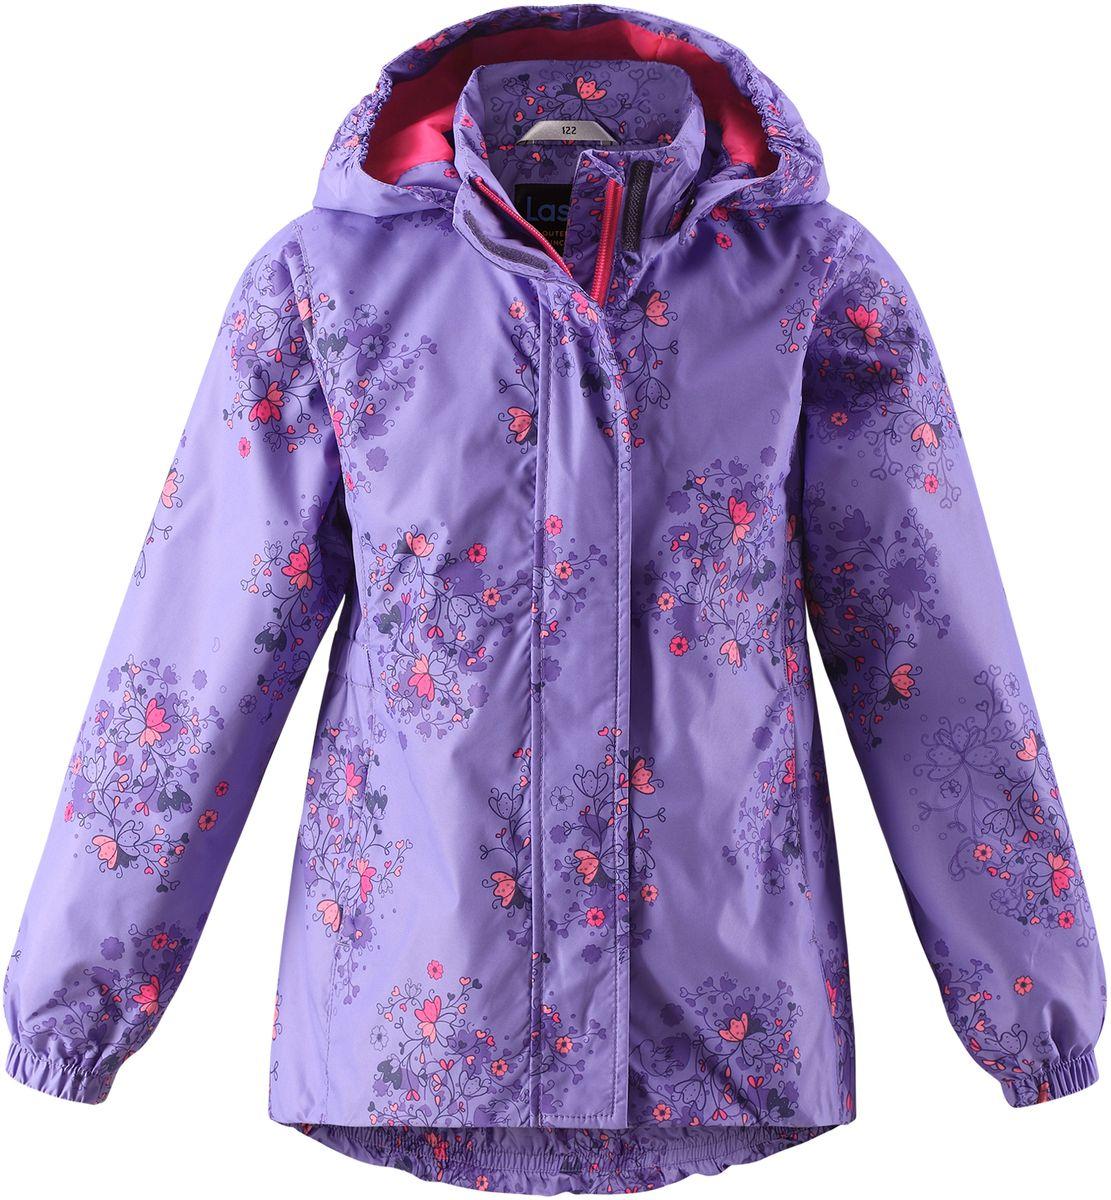 Куртка для девочки Lassie, цвет: сиреневый. 721704R5691. Размер 122721704R5691Стильная демисезонная куртка для девочек изготовлена из водоотталкивающего, ветронепроницаемого и дышащего материала. Гладкая и приятная на ощупь подкладка из полиэстера на легком утеплителе согревает и облегчает процесс одевания. Удлиненная модель для девочек с эластичной талией, подолом и манжетами. Практичные детали просто незаменимы: безопасный съемный капюшон, карманы, вшитые в боковые швы, и светоотражающая эмблема сзади.